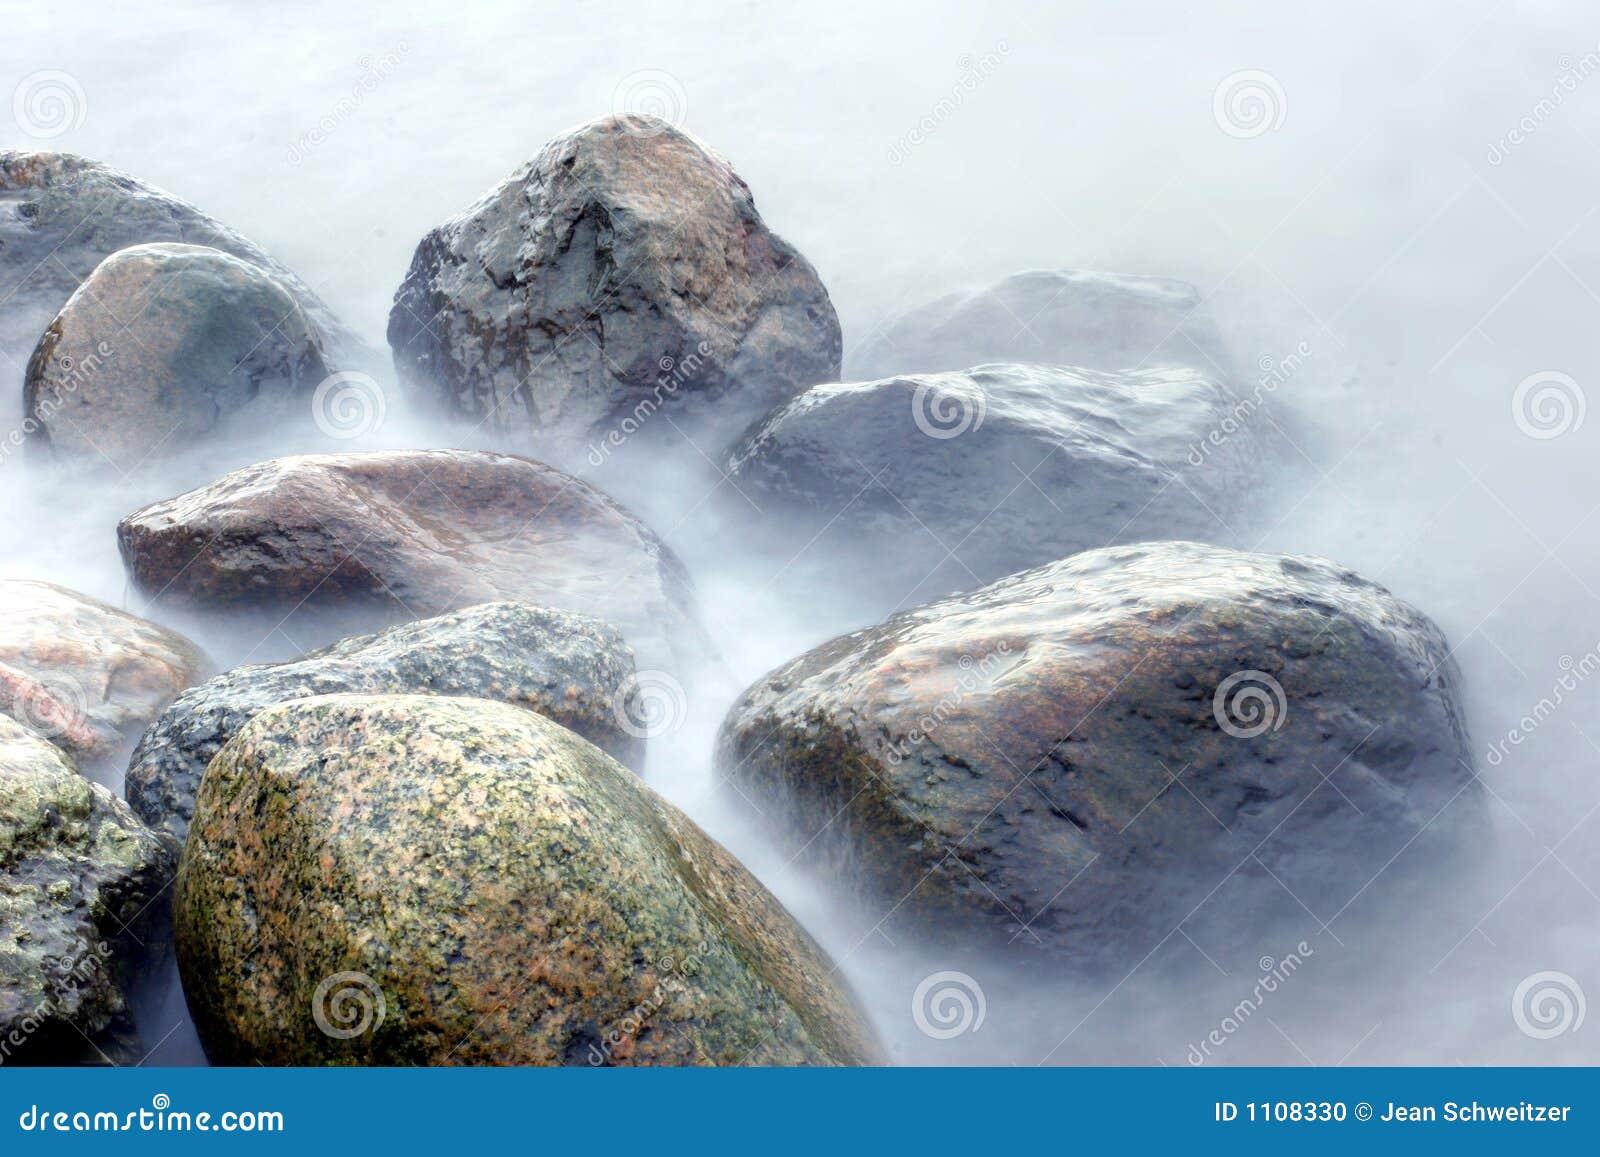 on stones ocean - photo #7